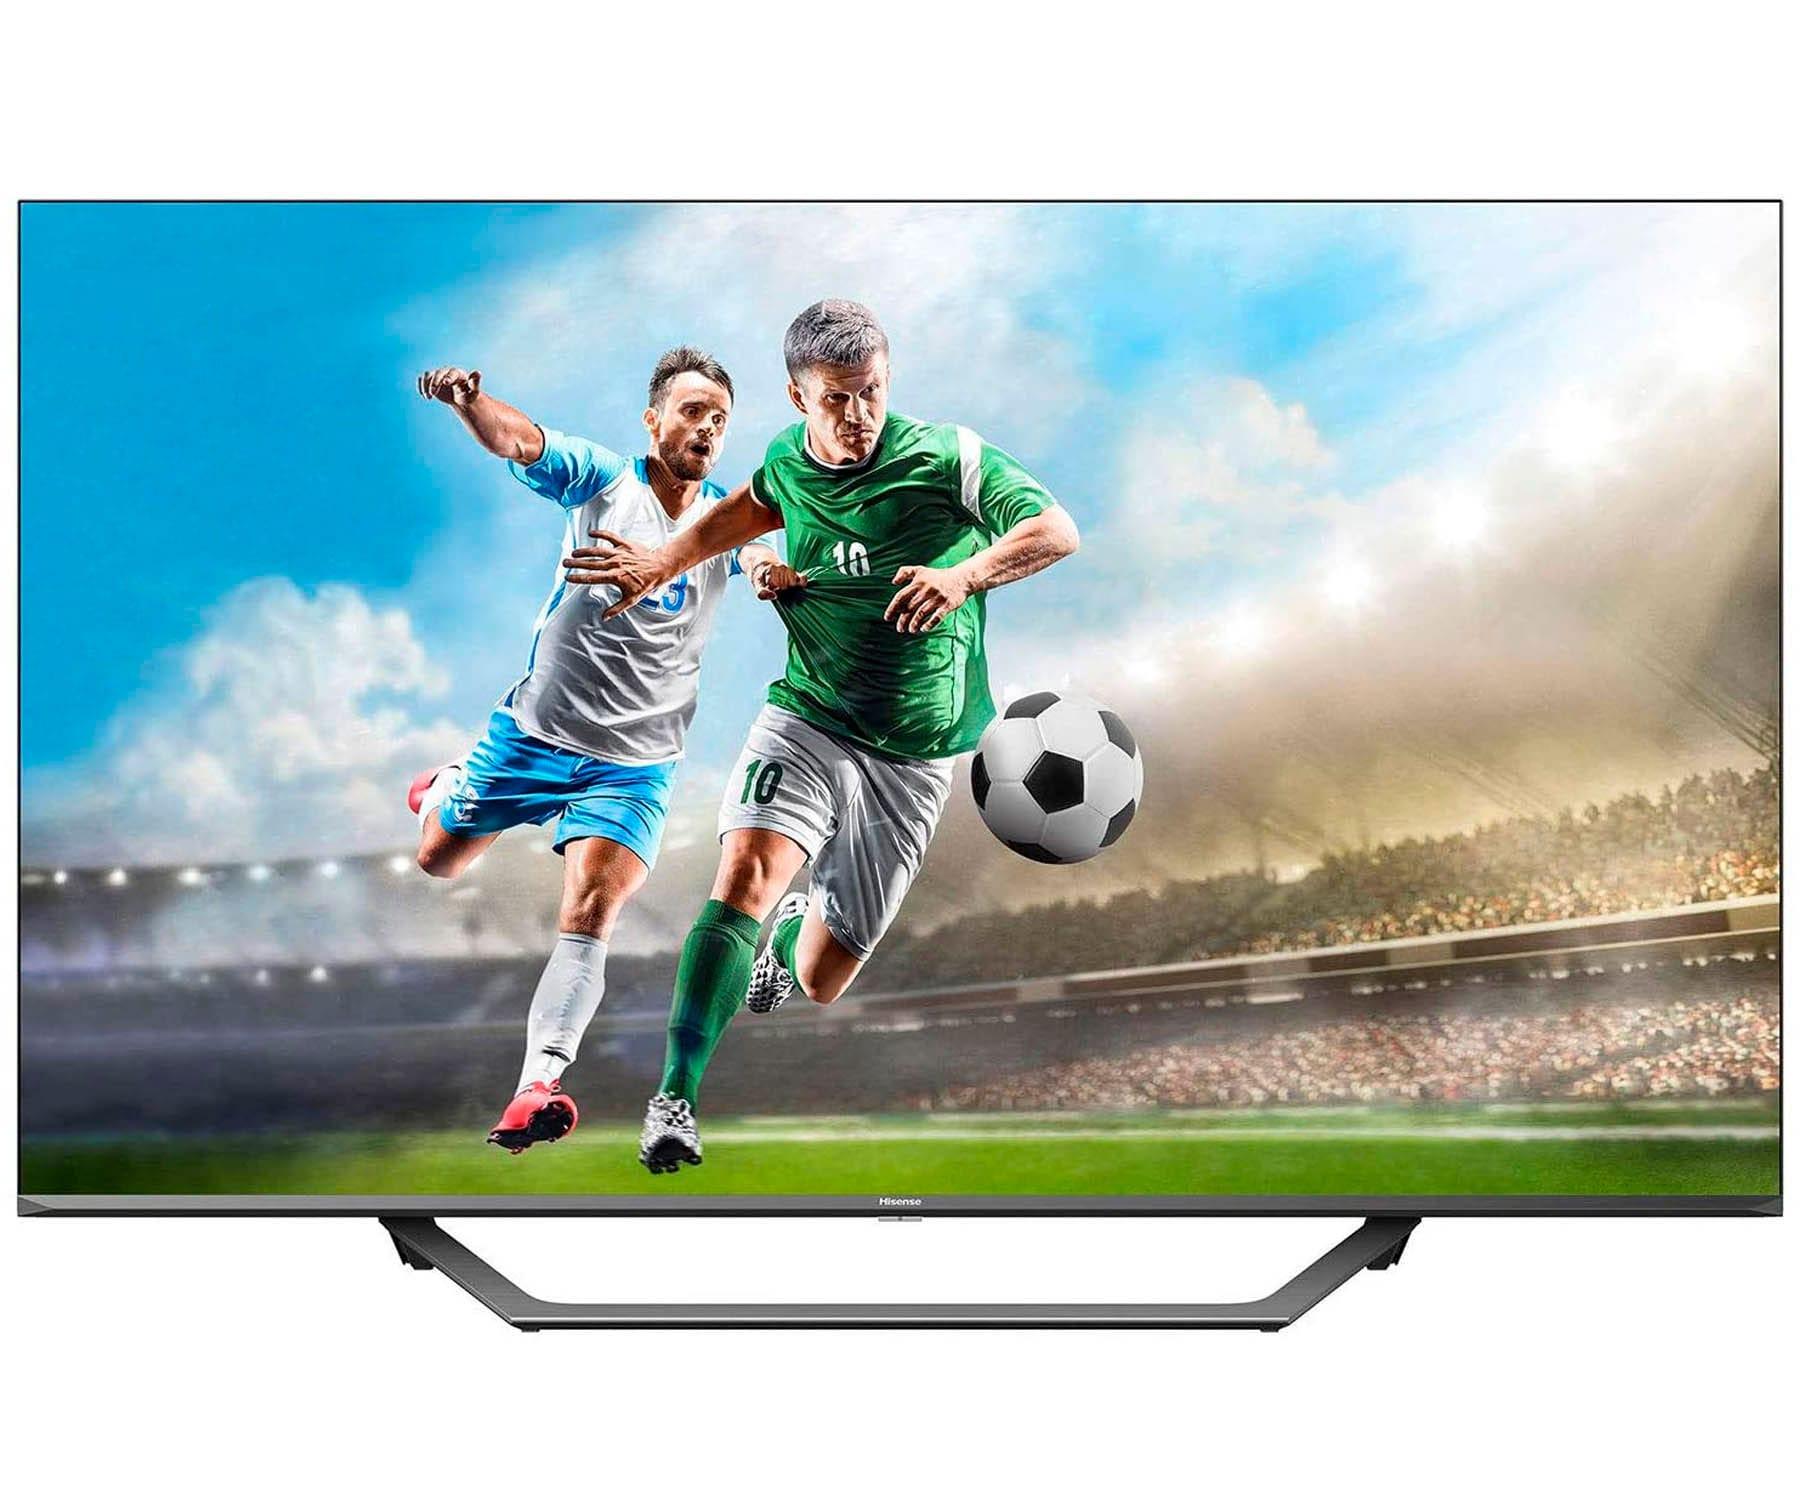 HISENSE H50A7500F TELEVISOR SMART TV 50'' UHD 4K HDR